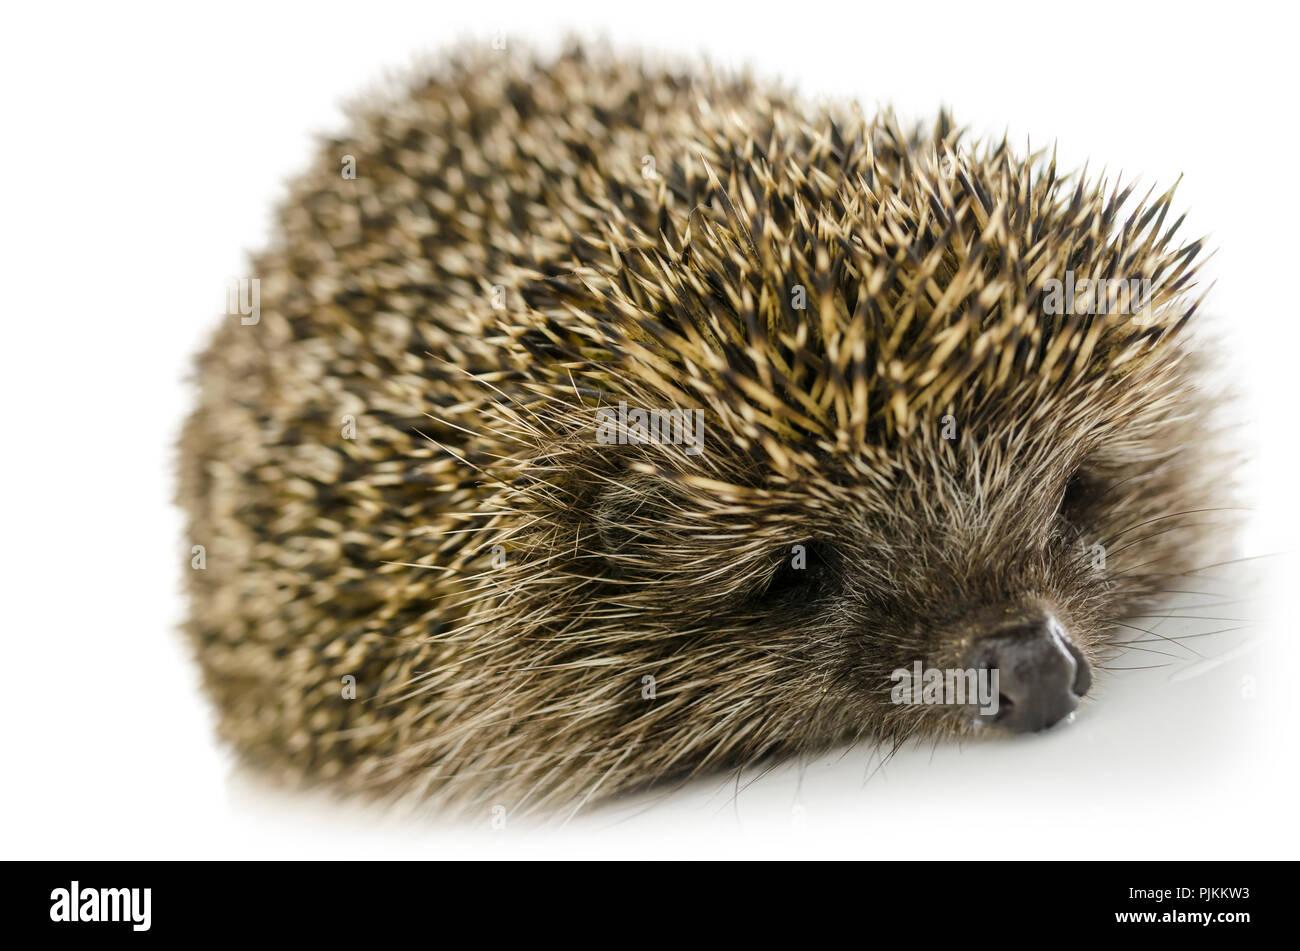 Sleeping hedgehog isolated on white background. - Stock Image